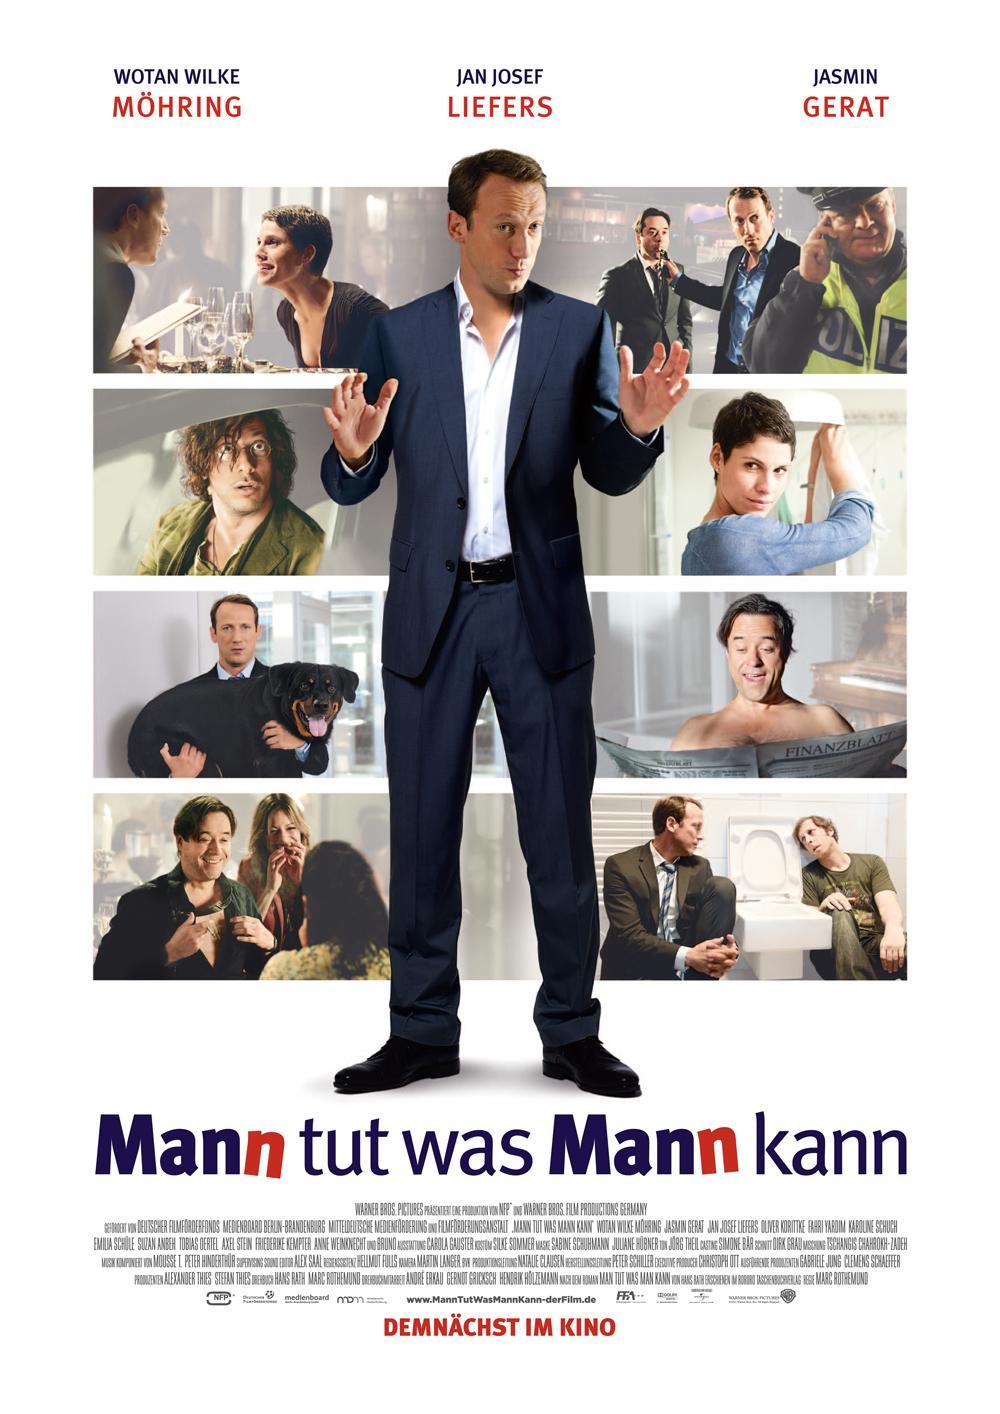 Mann tut was mann kann - Film